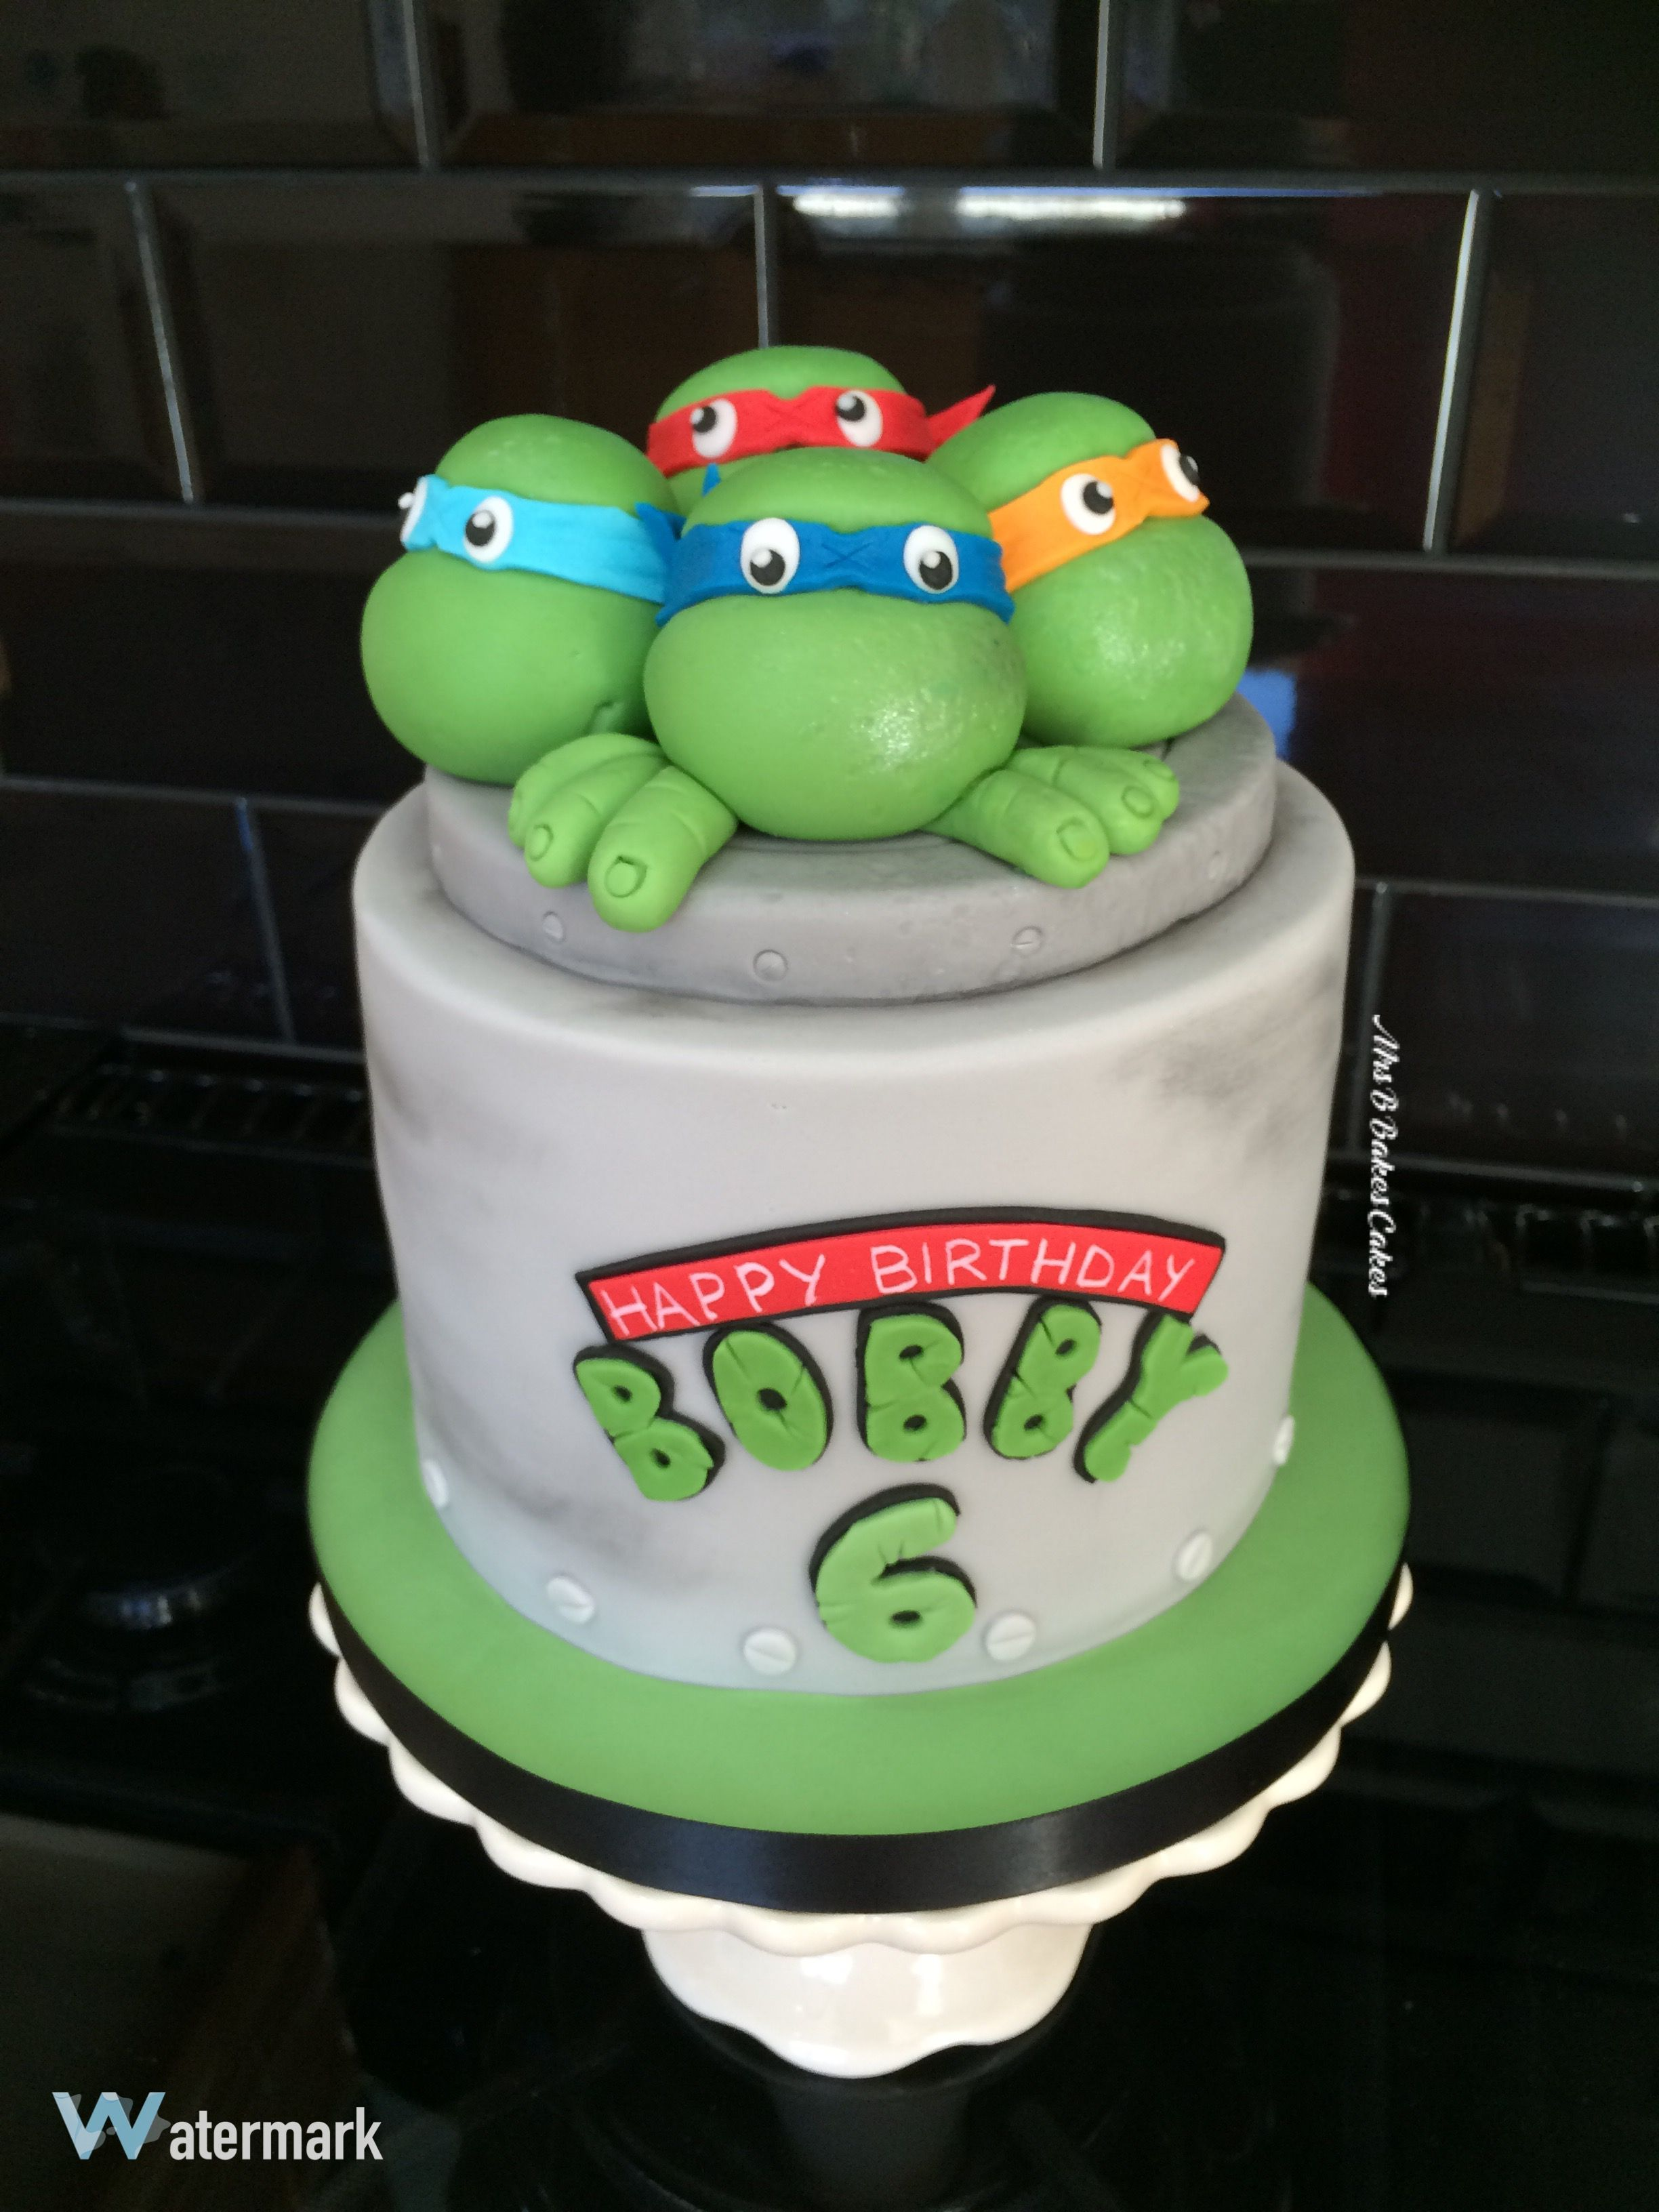 TMNT Teenage Mutant Ninja Turtles Birthday Cake with edible